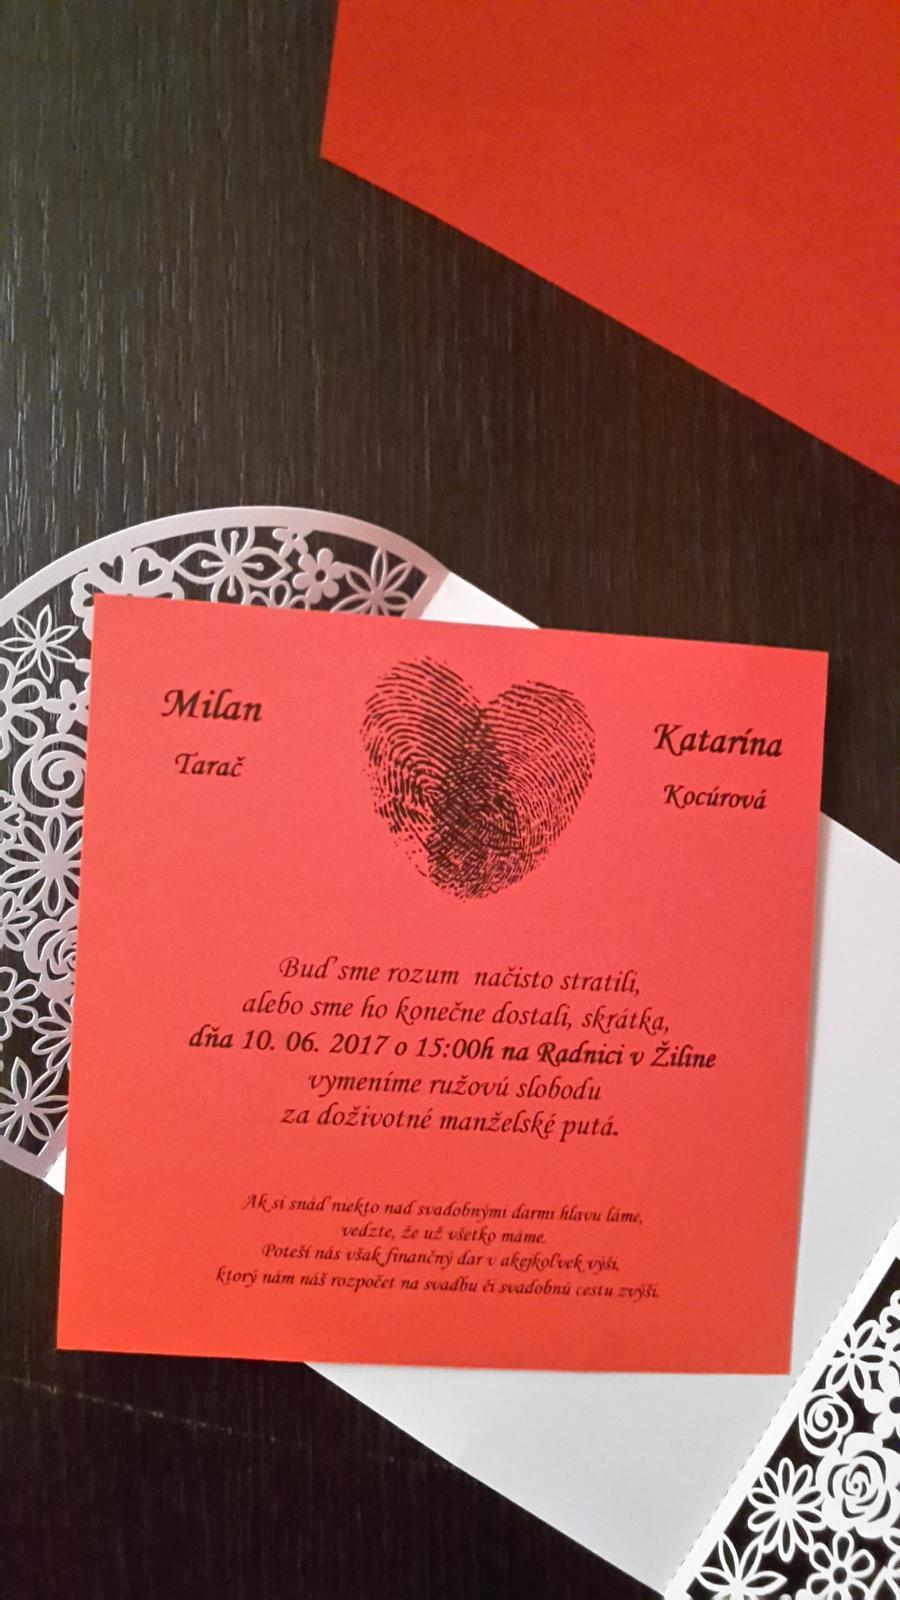 12. apr 2017 o 15 18 • Svadba bola v júni 2017 • Odpovedz • Páči sa mi to • cf0fe16b21d